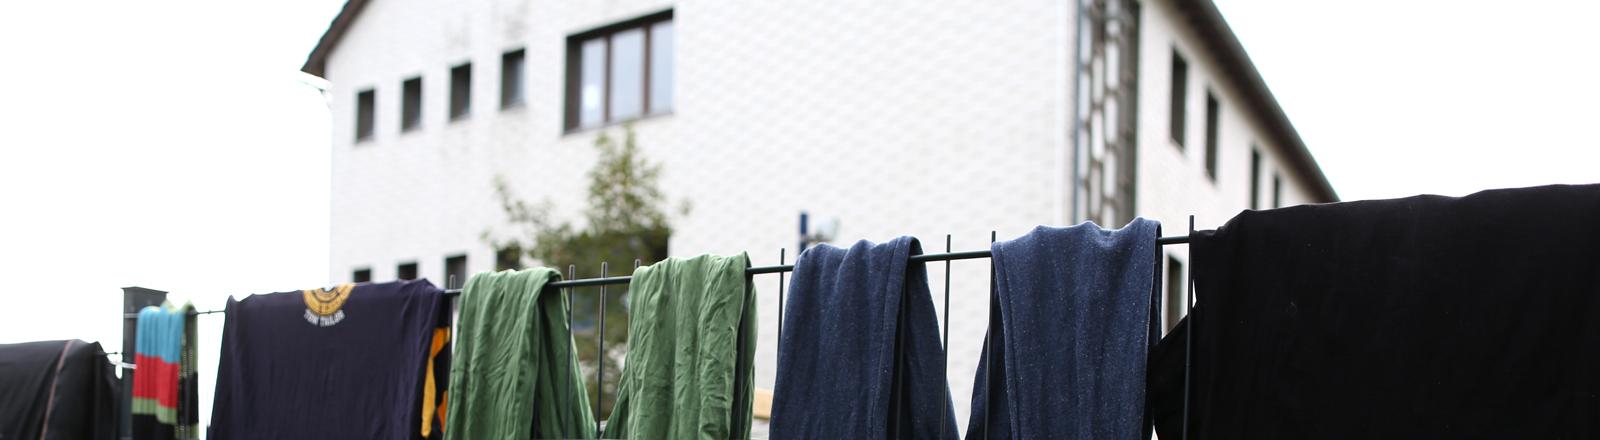 Wäsche hängt zum Trocknen über einem Zaun am 29.09.2014 in Burbach (Nordrhein-Westfalen).